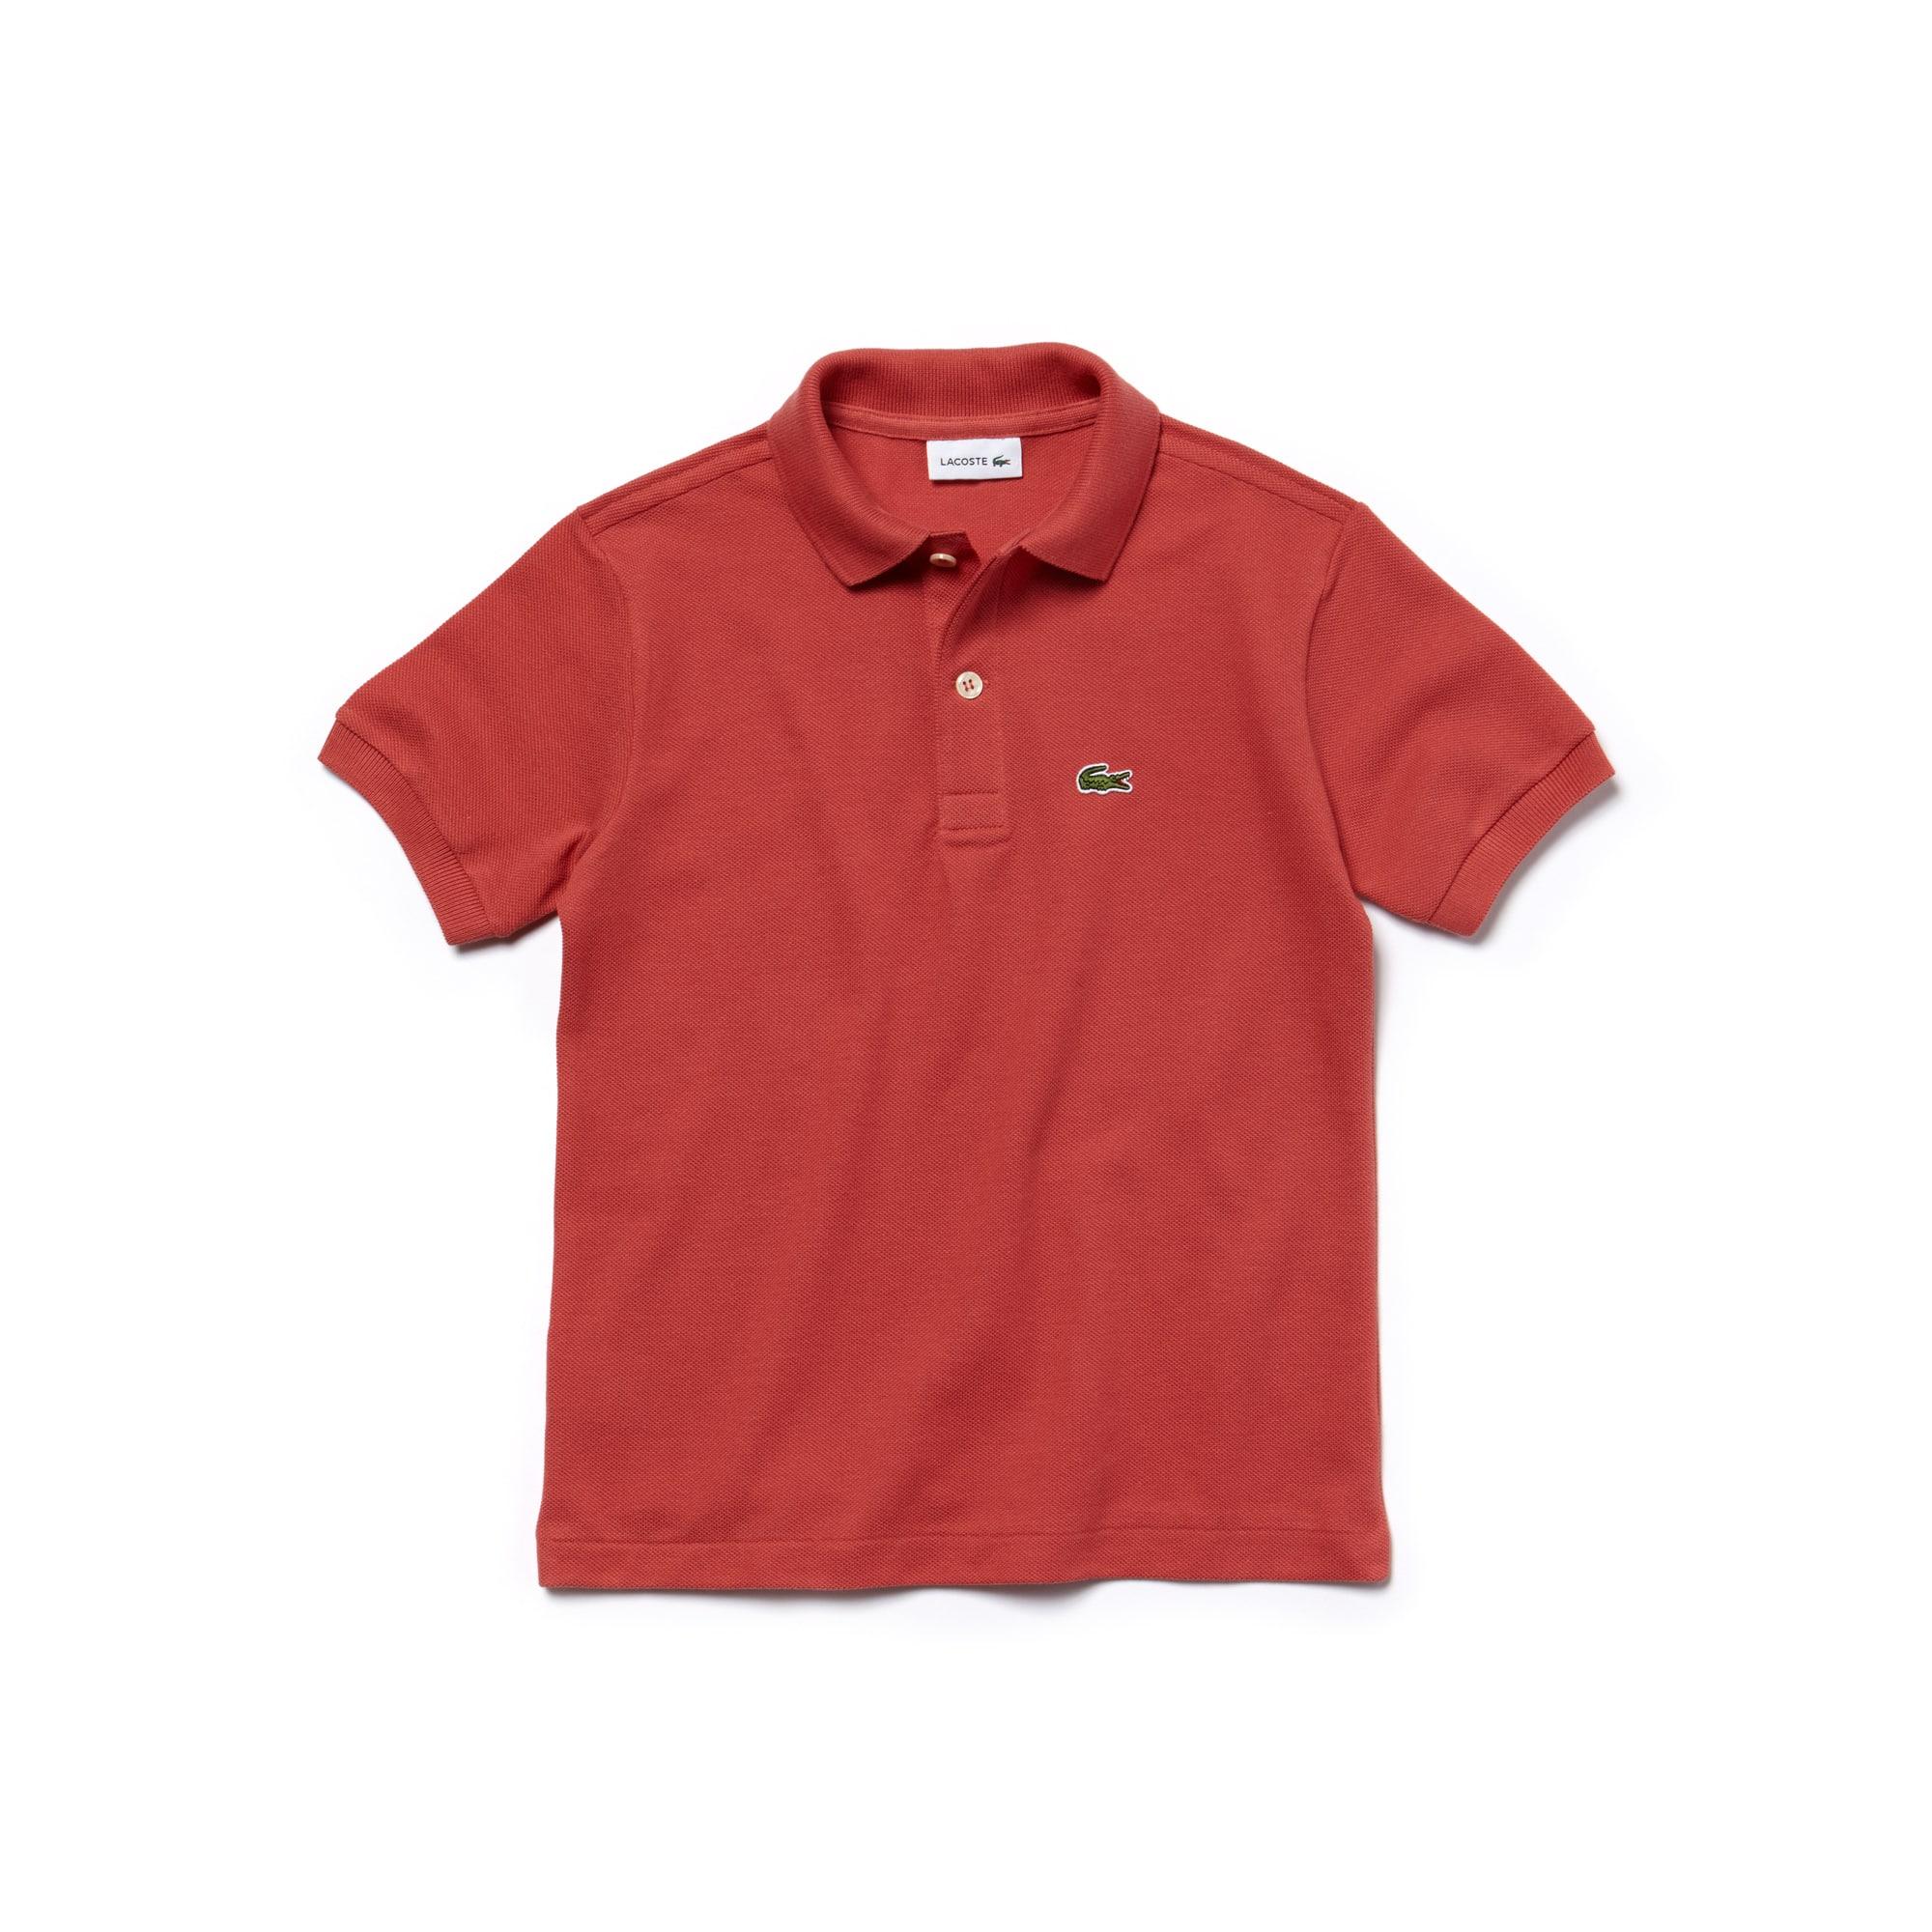 0d4008008bf43 Camisa Polo Lacoste em Petit Piqué